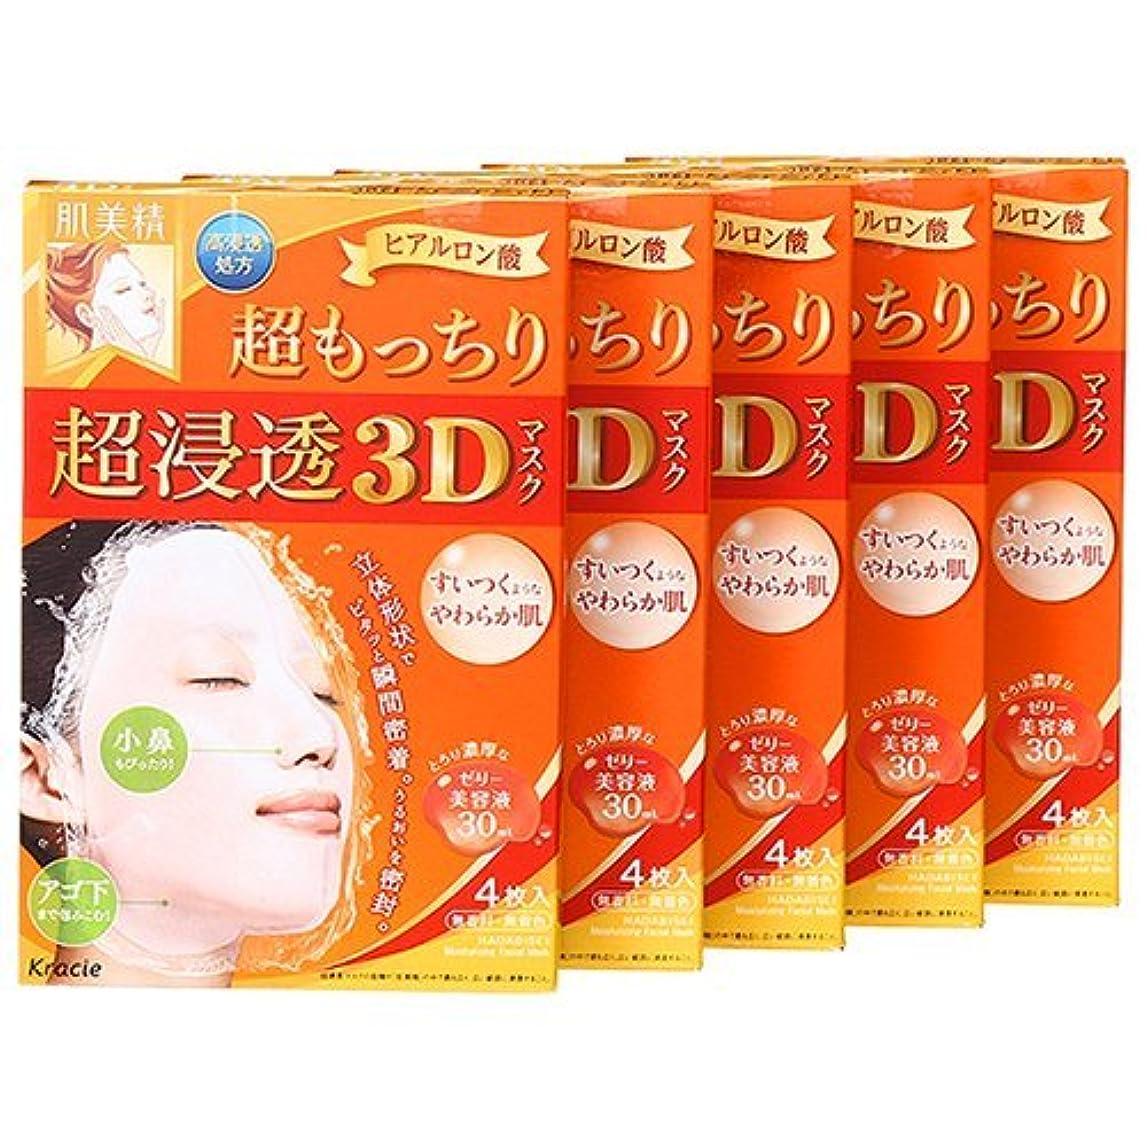 風変わりなジャーナルふつうクラシエホームプロダクツ 肌美精 超浸透3Dマスク 超もっちり 4枚入 (美容液30mL/1枚) 5点セット [並行輸入品]